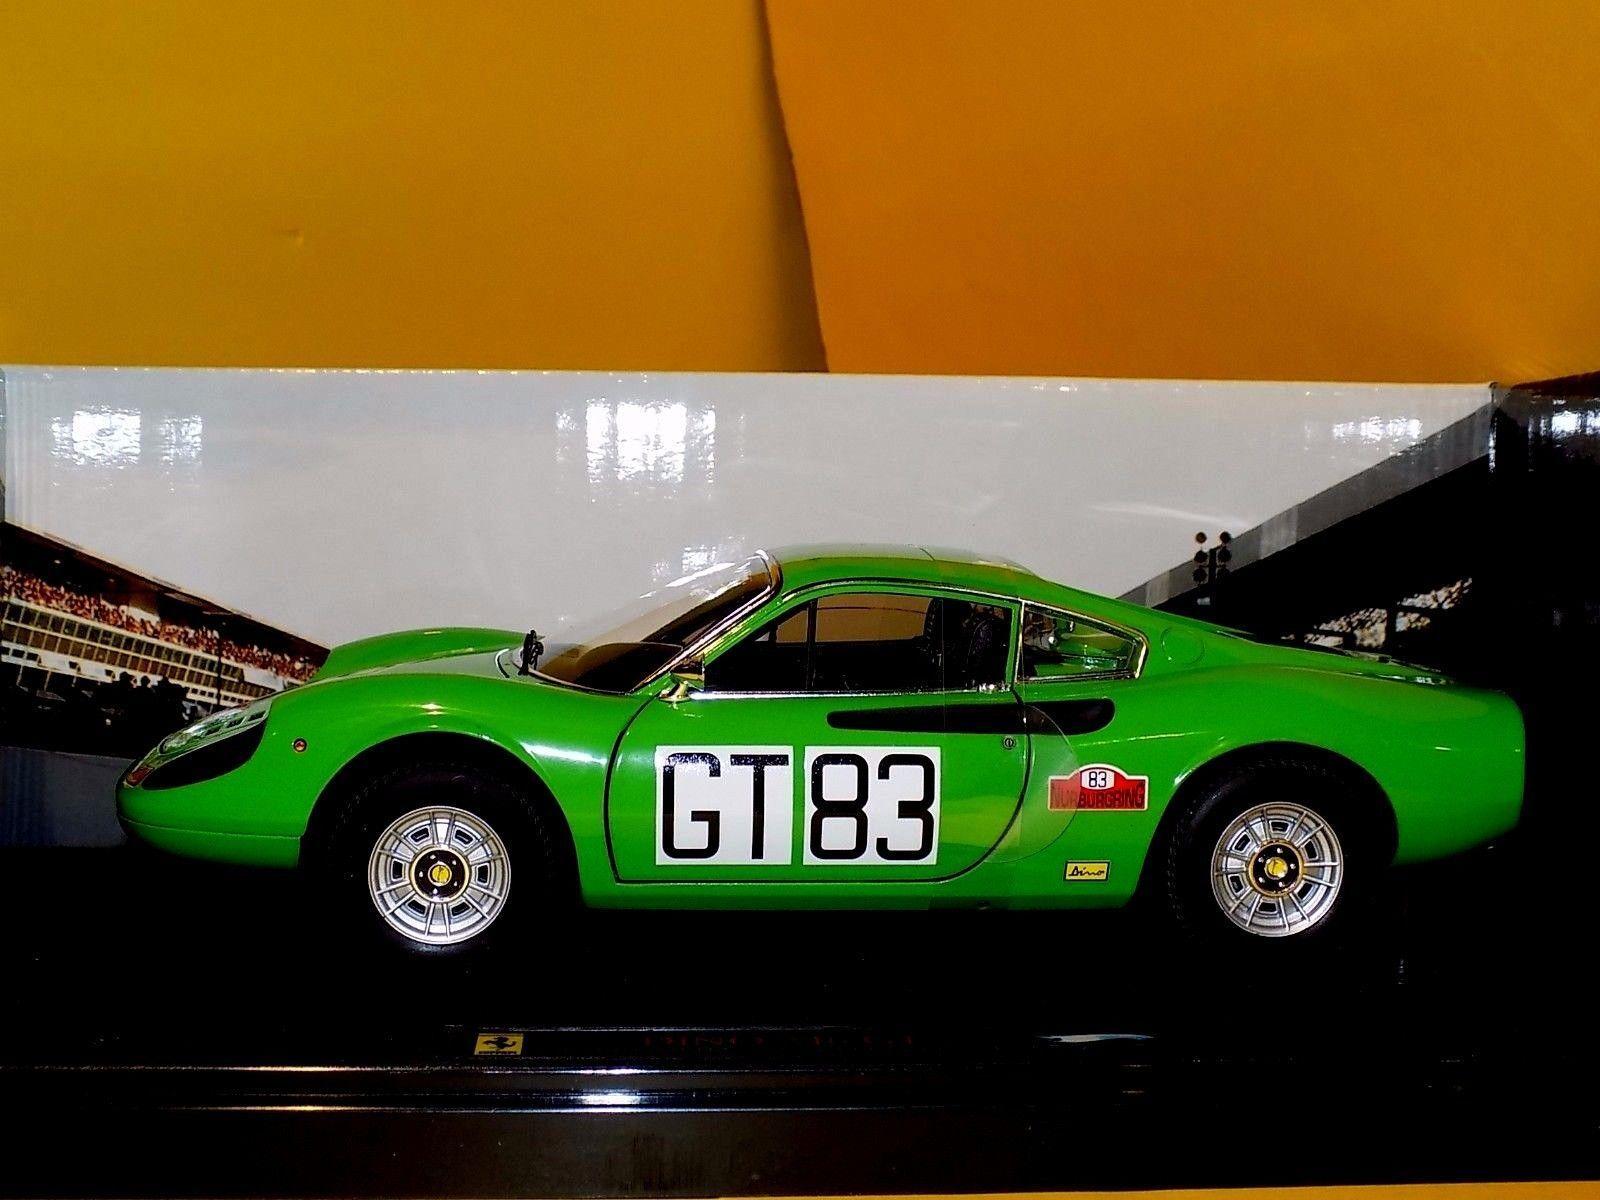 ofreciendo 100% Ferrari Dinosaurio 246 246 246 GT 1000km emulador   1 18 GT 83 Elite T6260  Envío y cambio gratis.